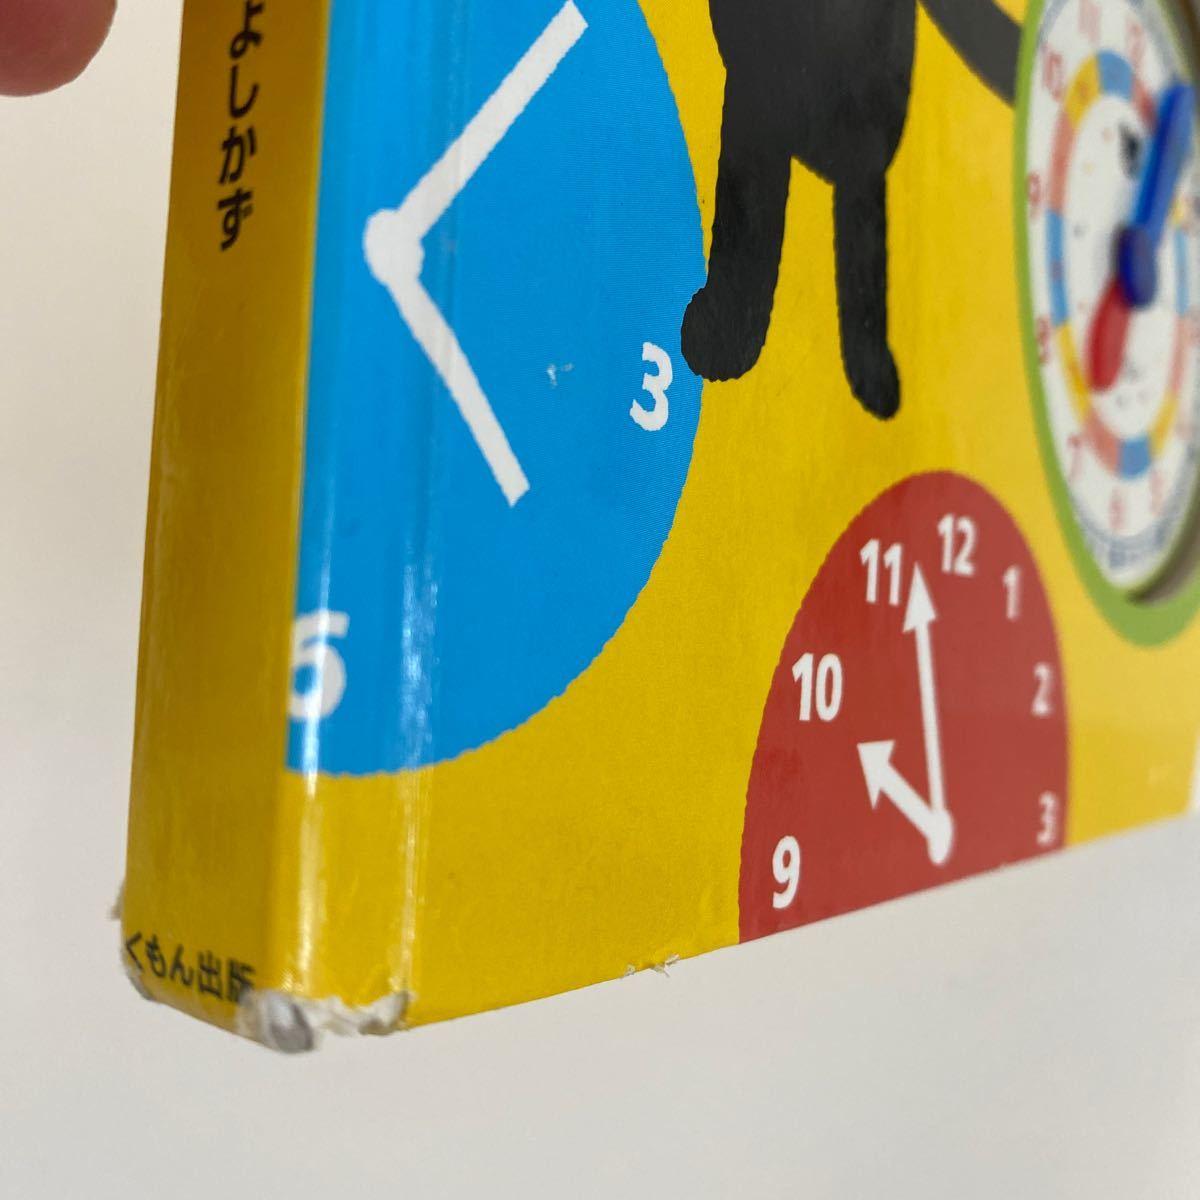 絵本 くろくまくんのとけいえほん とけいえほん  知育絵本 くもん出版 公文 時計